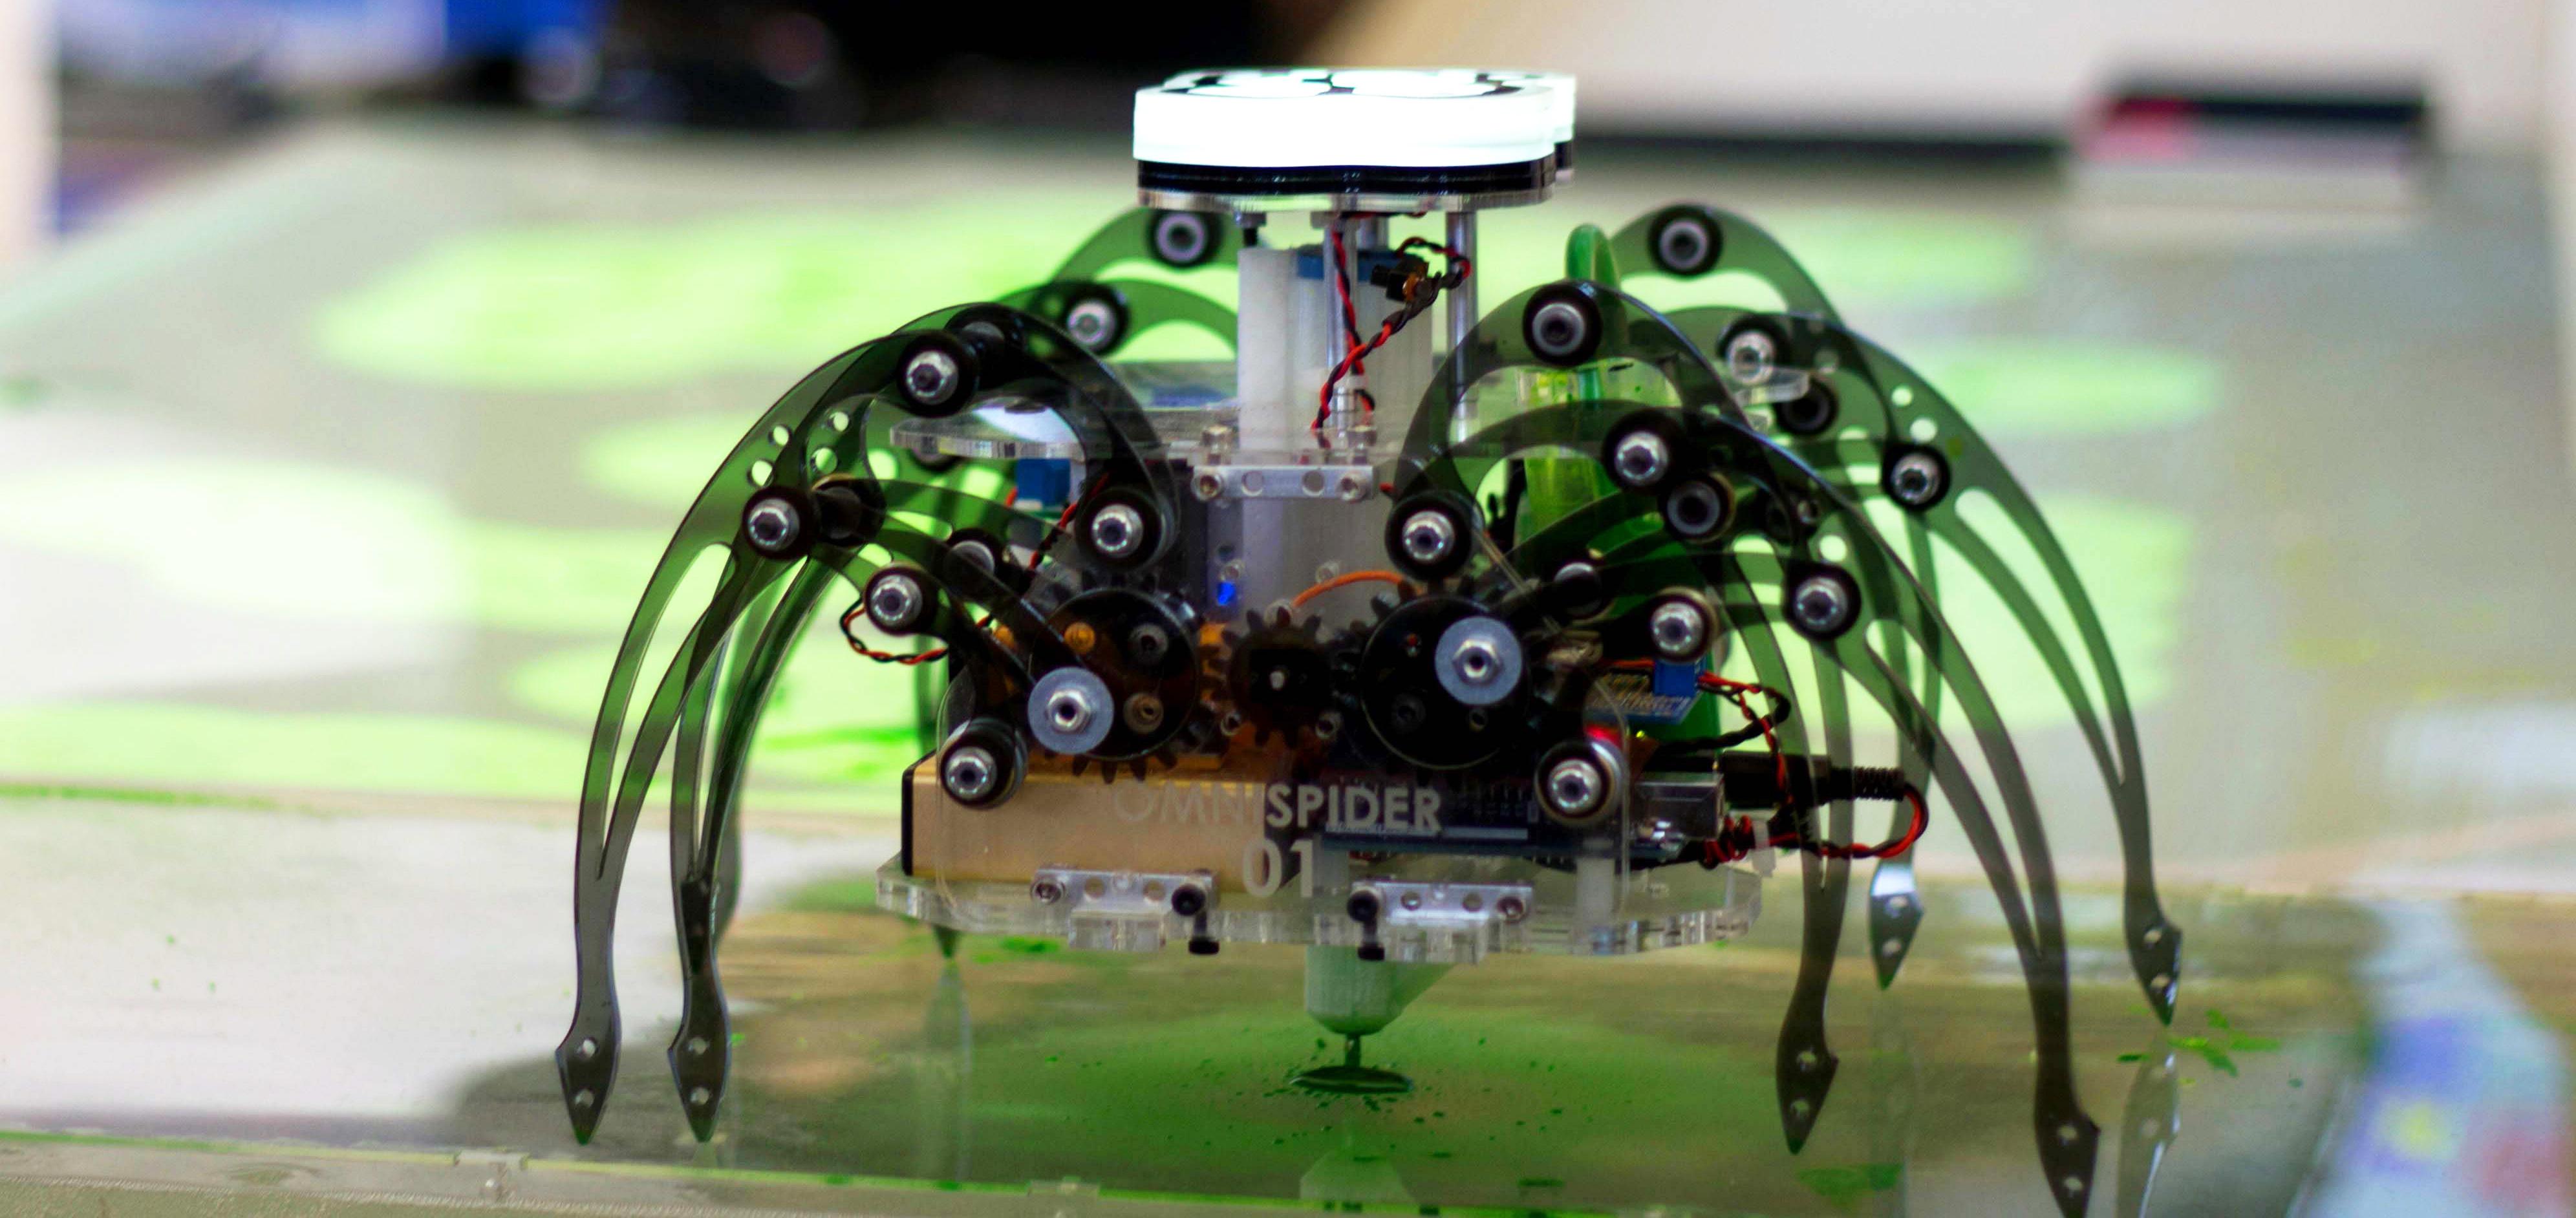 Picture of Terra Spider: Autonomous Remediation Robot